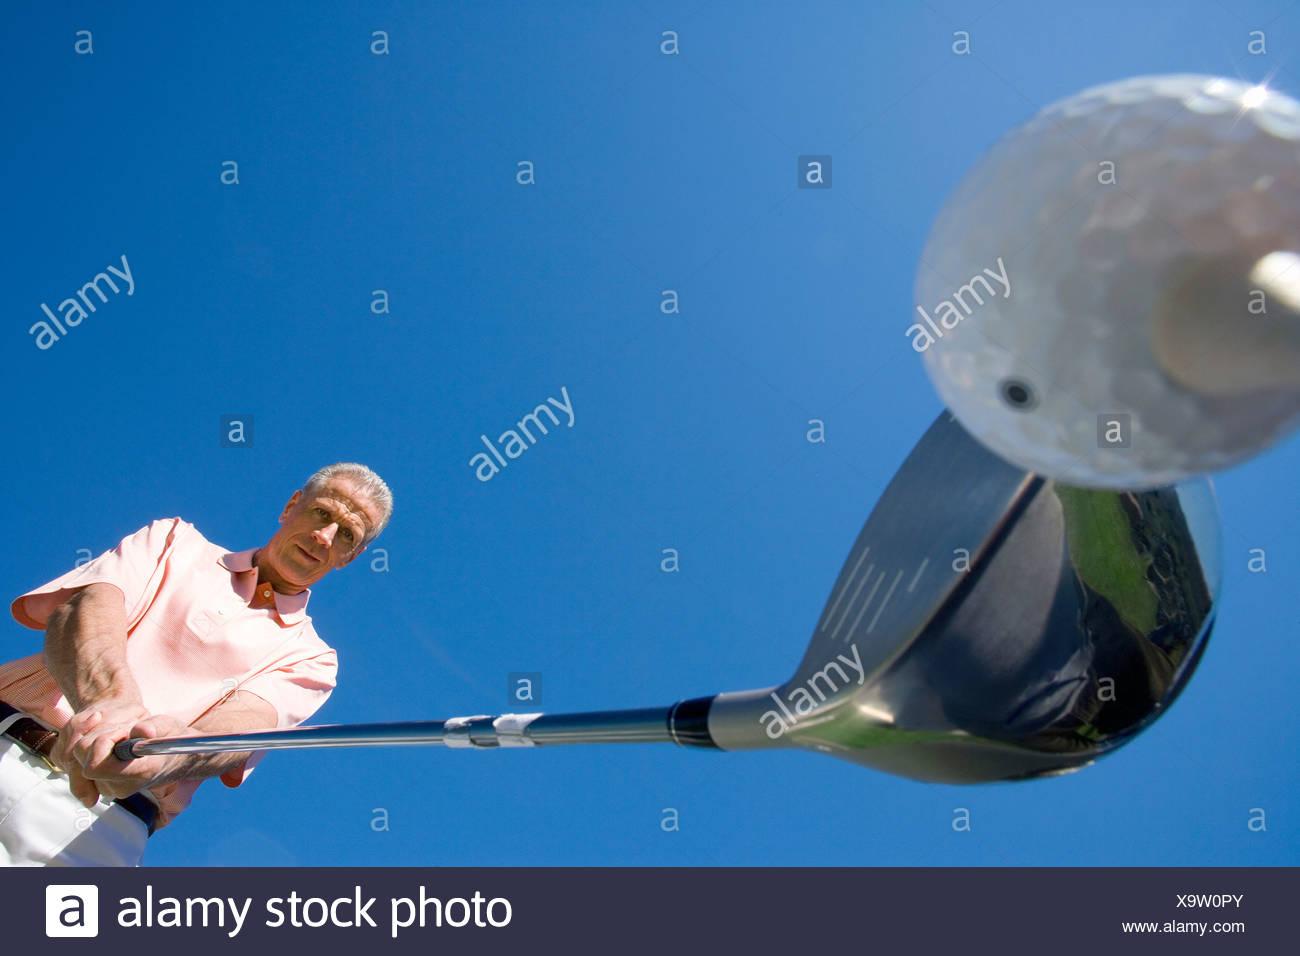 Uomo maturo preparando a tee off sul campo da golf, tenendo driver, close-up, vista verso l'alto angolo largo Immagini Stock